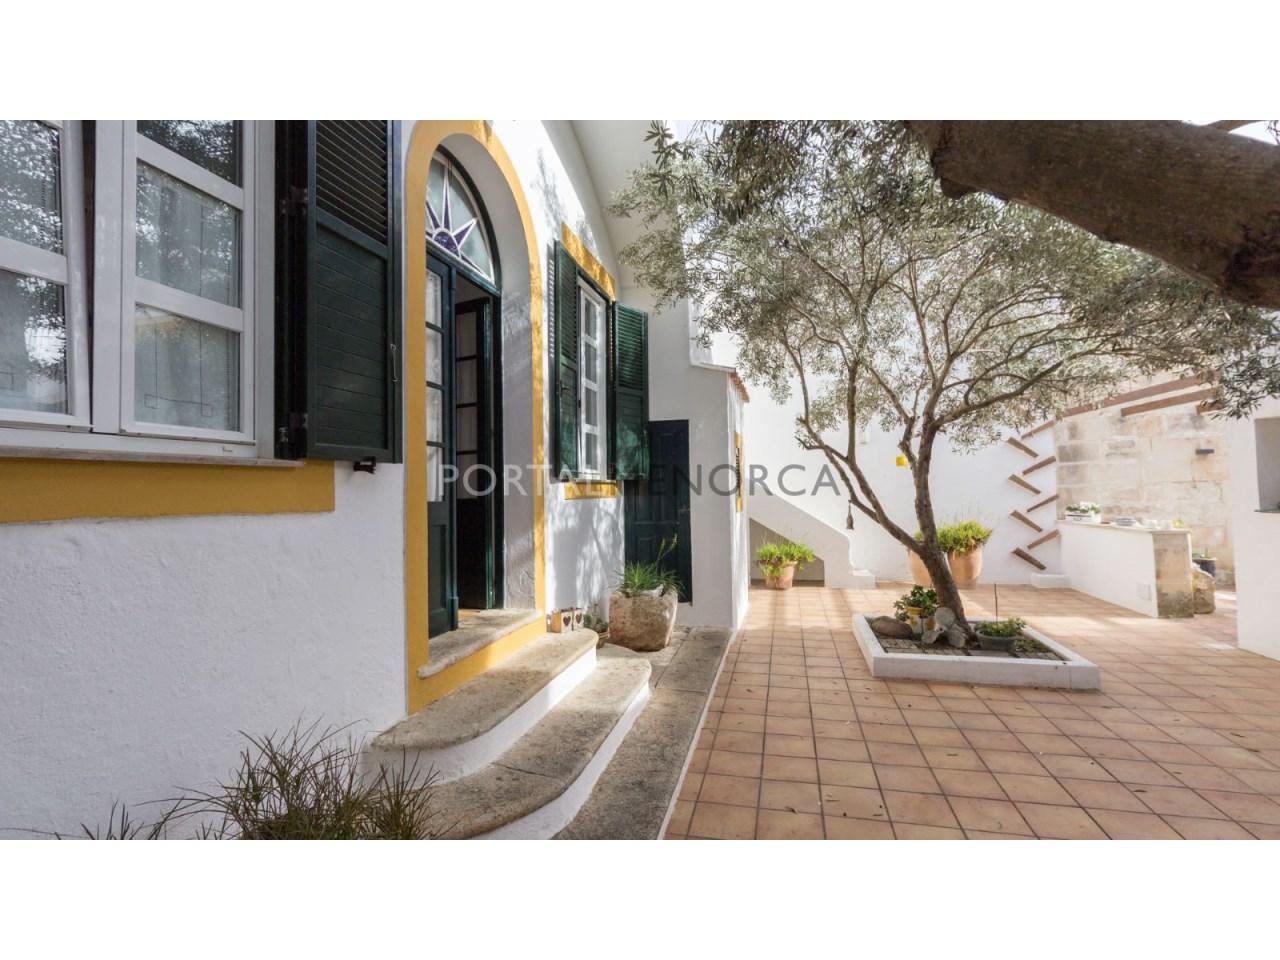 casa con jardin en Es Castell 2 (2 de 6)